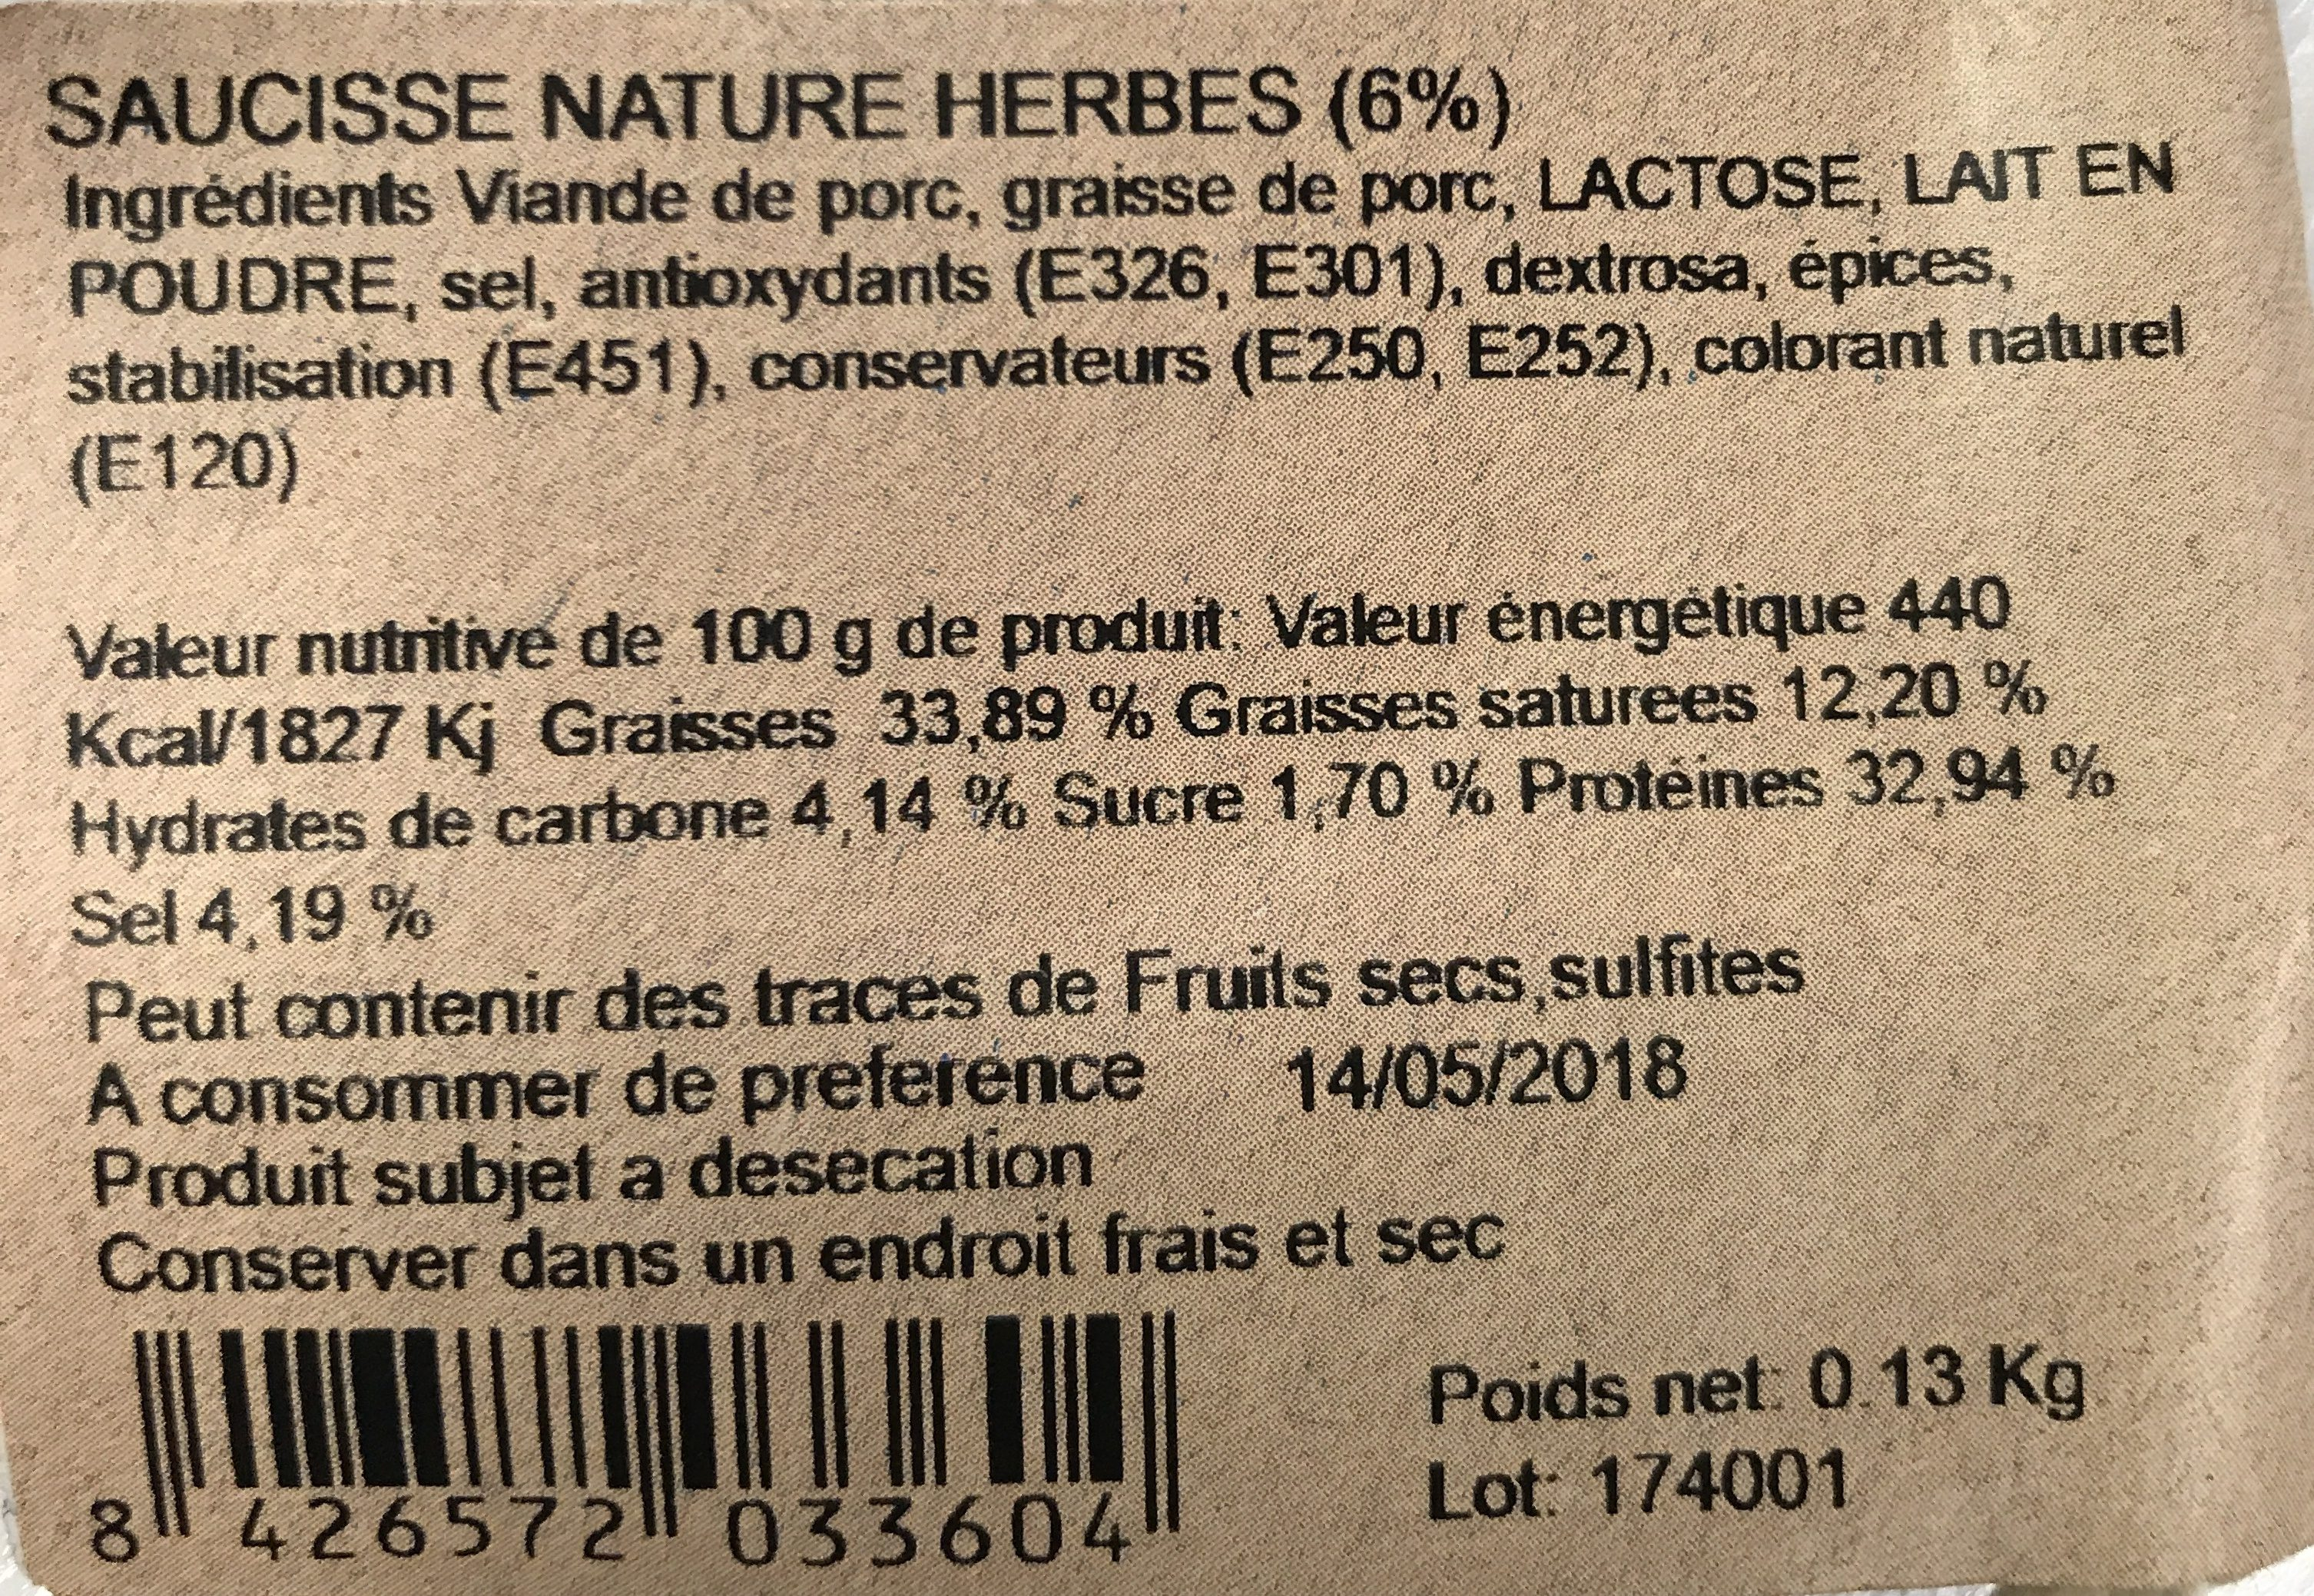 Saucisse nature herbes - Ingrédients - fr